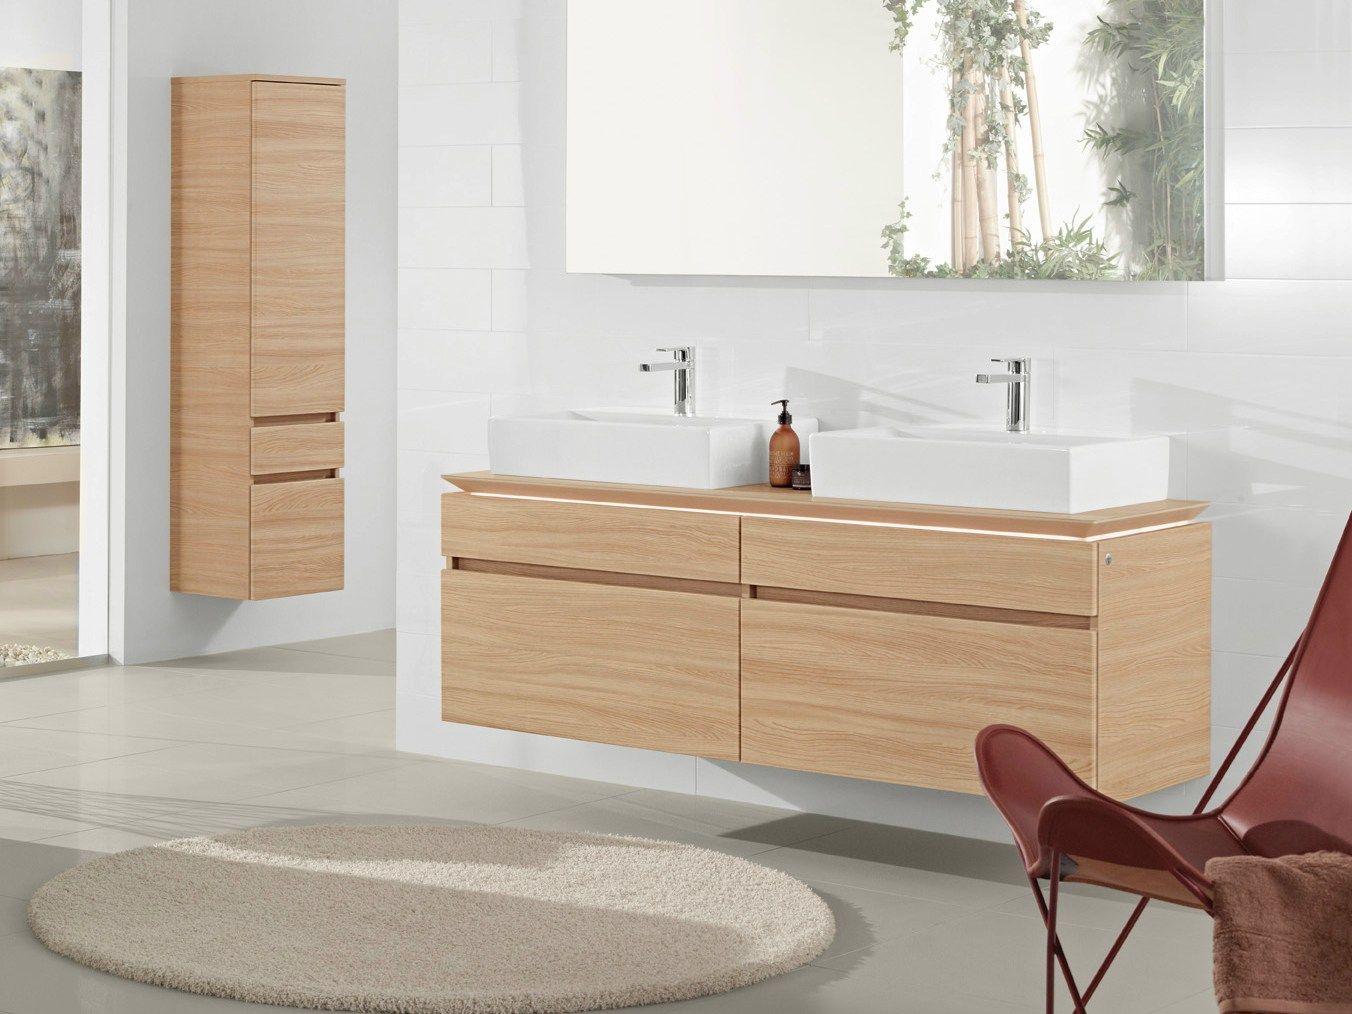 legato vanity unit by villeroy boch. Black Bedroom Furniture Sets. Home Design Ideas